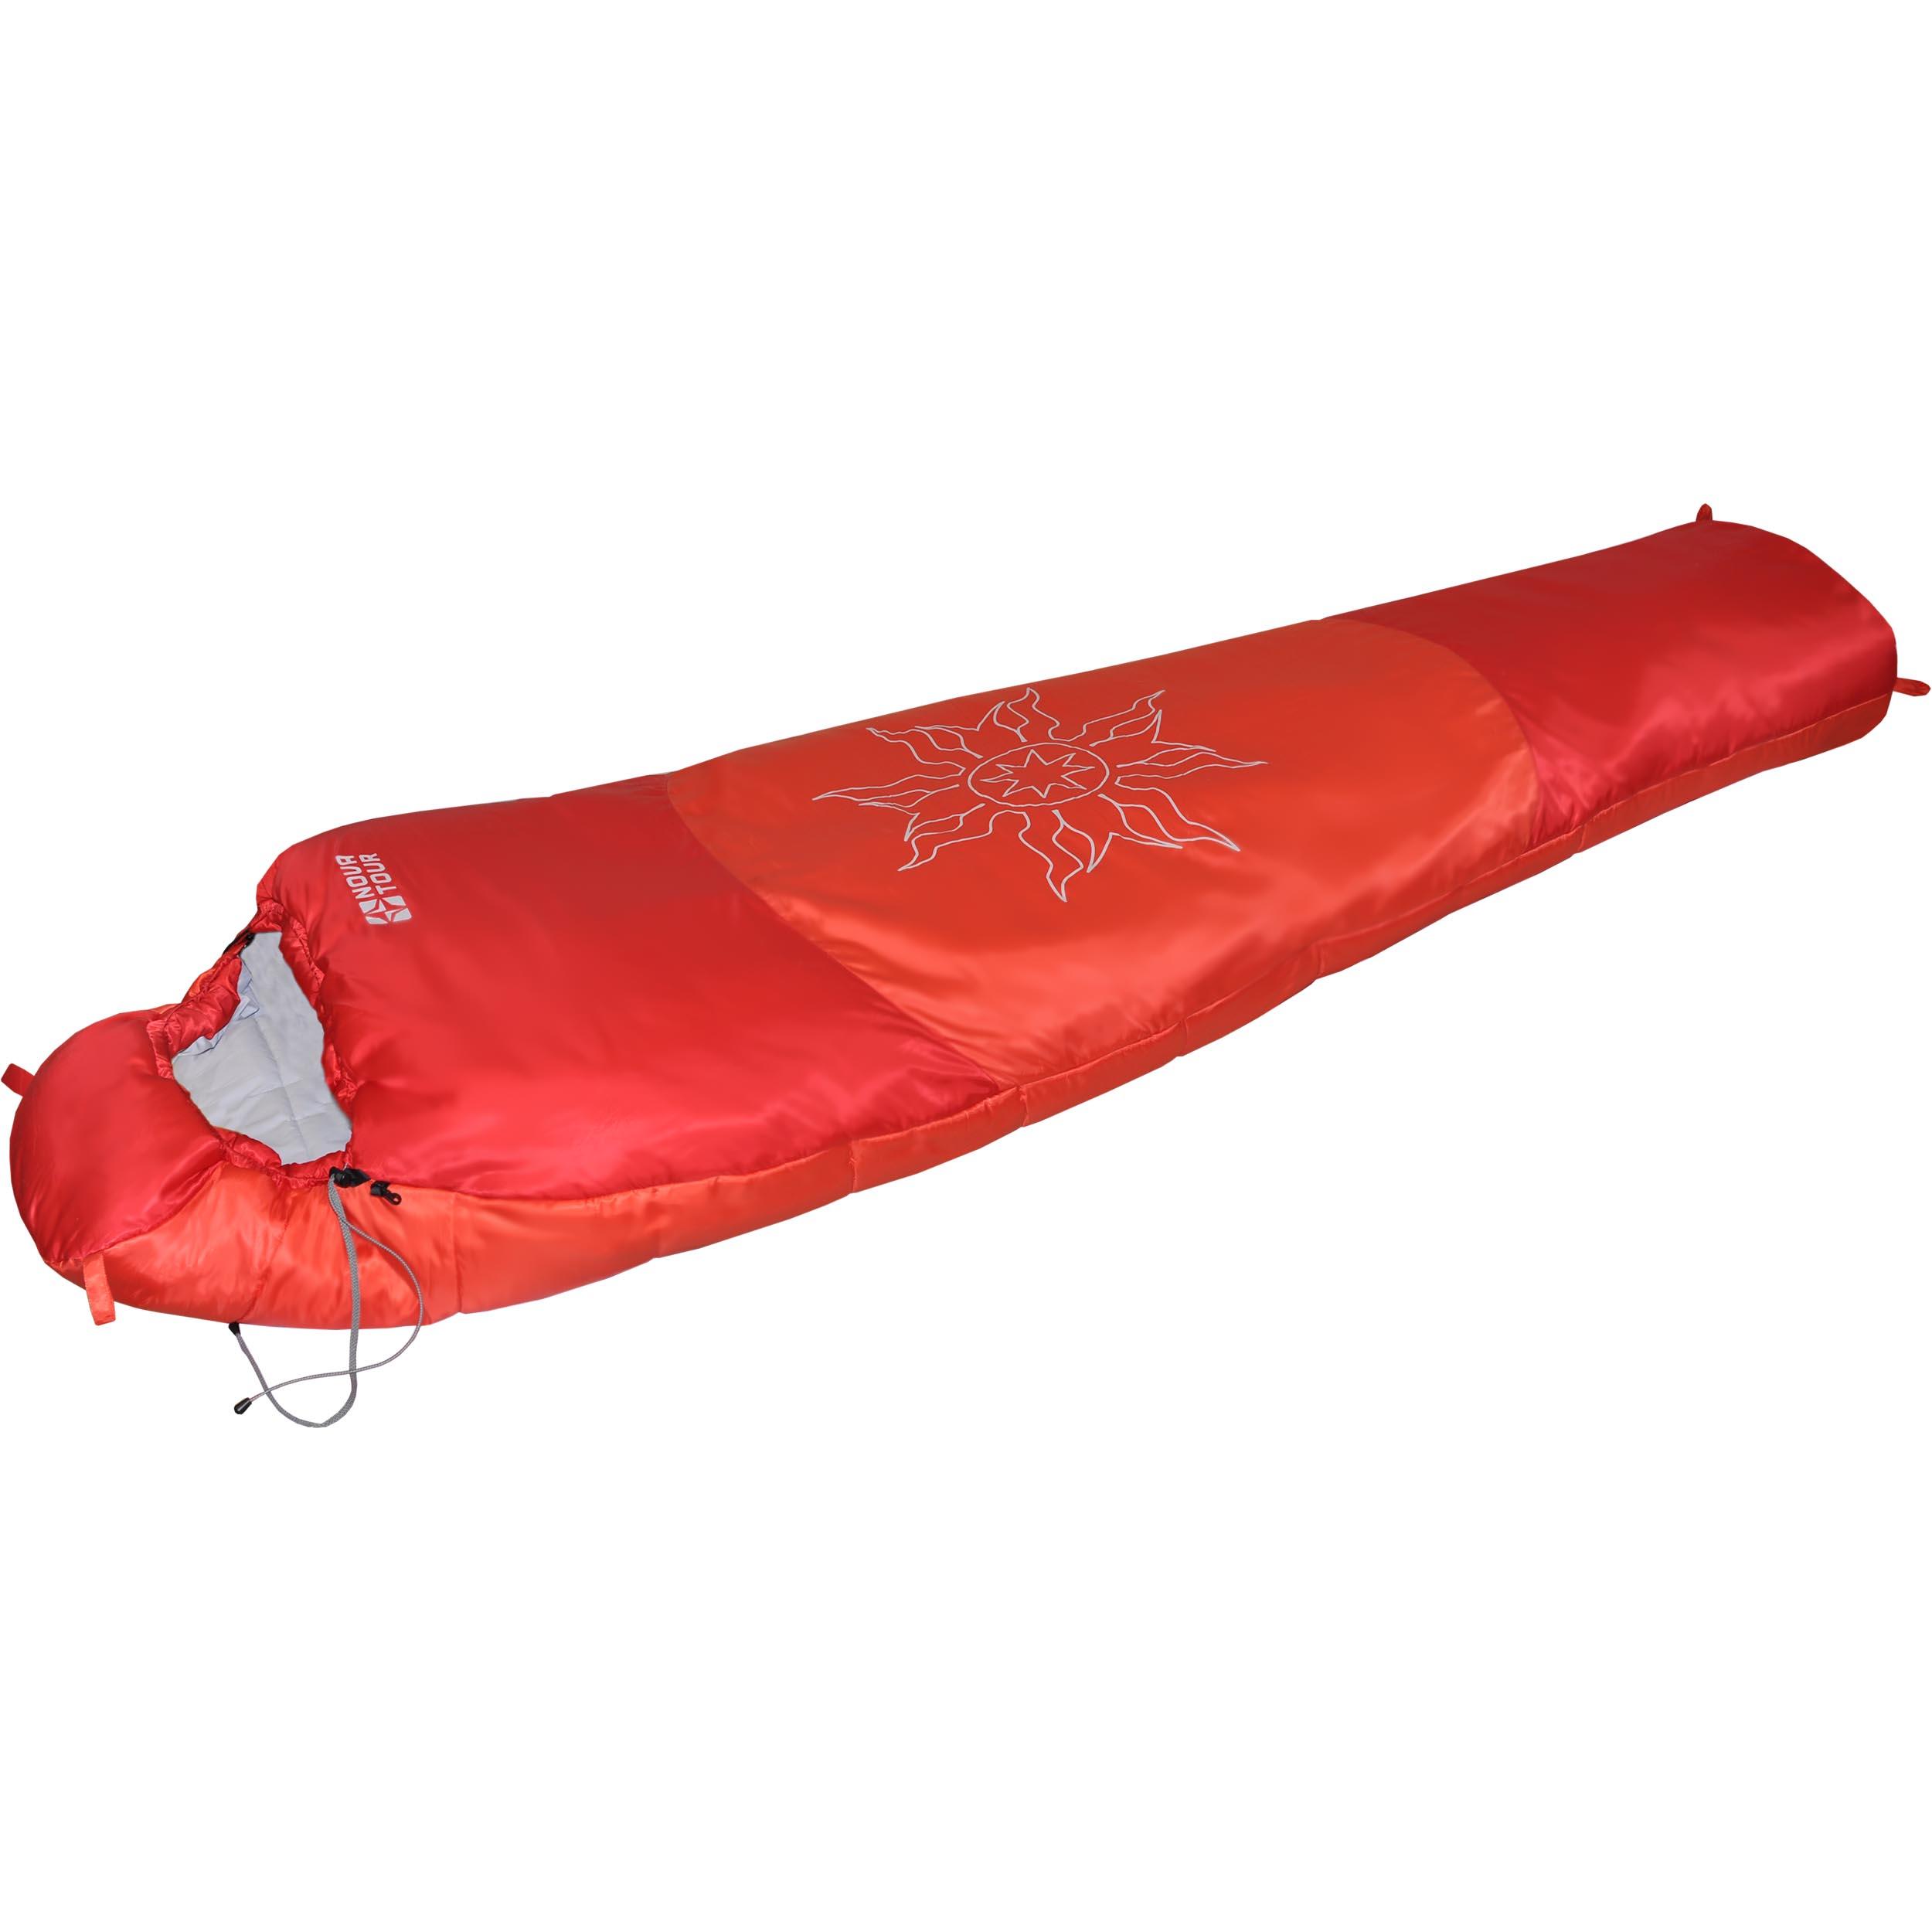 Спальный мешок Nova Tour Ямал -30 XL V2, цвет: красный, правосторонняя молния95420-001-RightЗимний спальный мешок Nova Tour Ямал -30 XL V2 имеет конструкцию кокон. Он предназначен для использования при очень низких температурах. Утягивающийся капюшон и шейный воротник сохраняют тепло. Двухзамковая молния позволяет состегнуть два спальных мешка левого и правого исполнения в один двойной. Компрессионный мешок в комплекте.Длина мешка: 230 см.Что взять с собой в поход?. Статья OZON Гид